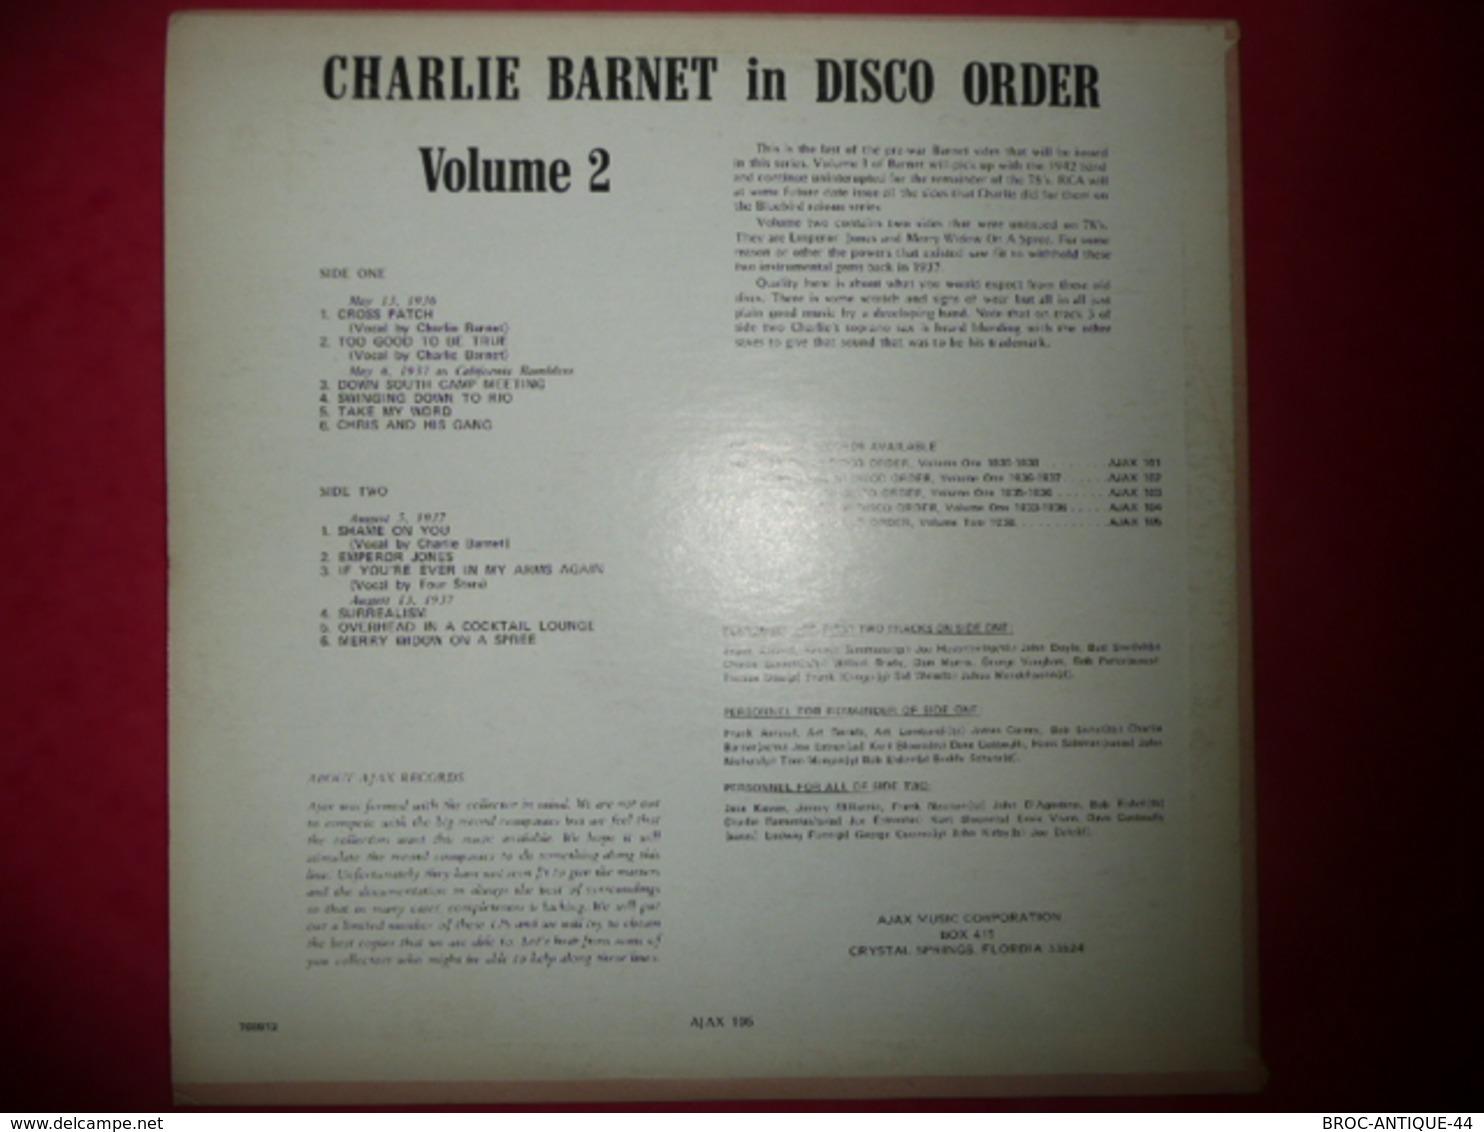 LP33 N°544 - CHARLIE BARNET IN DISCO ORDER - VOL.2 -  COMPILATION 12 TITRES - Jazz